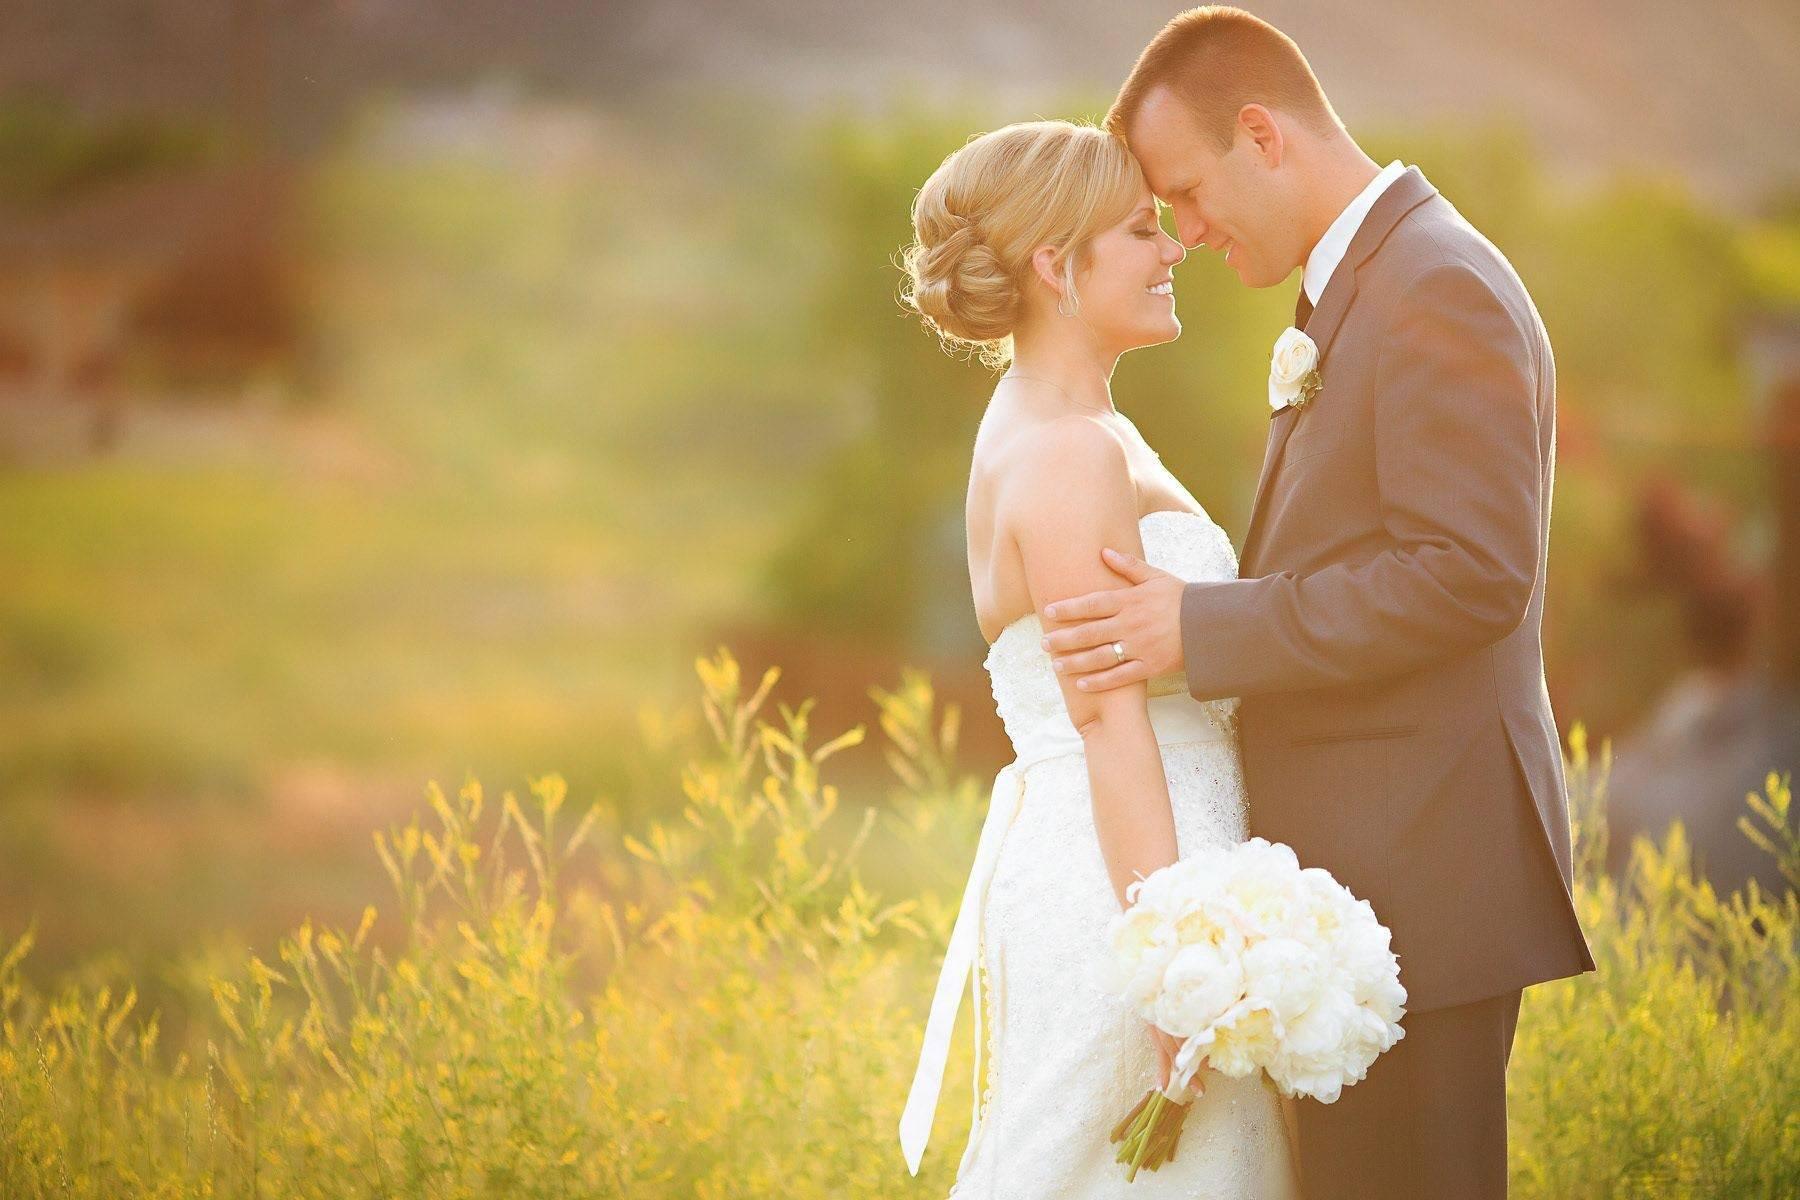 你不在乎的小变化,很有可能是压倒婚姻的最后一根稻草,别不信